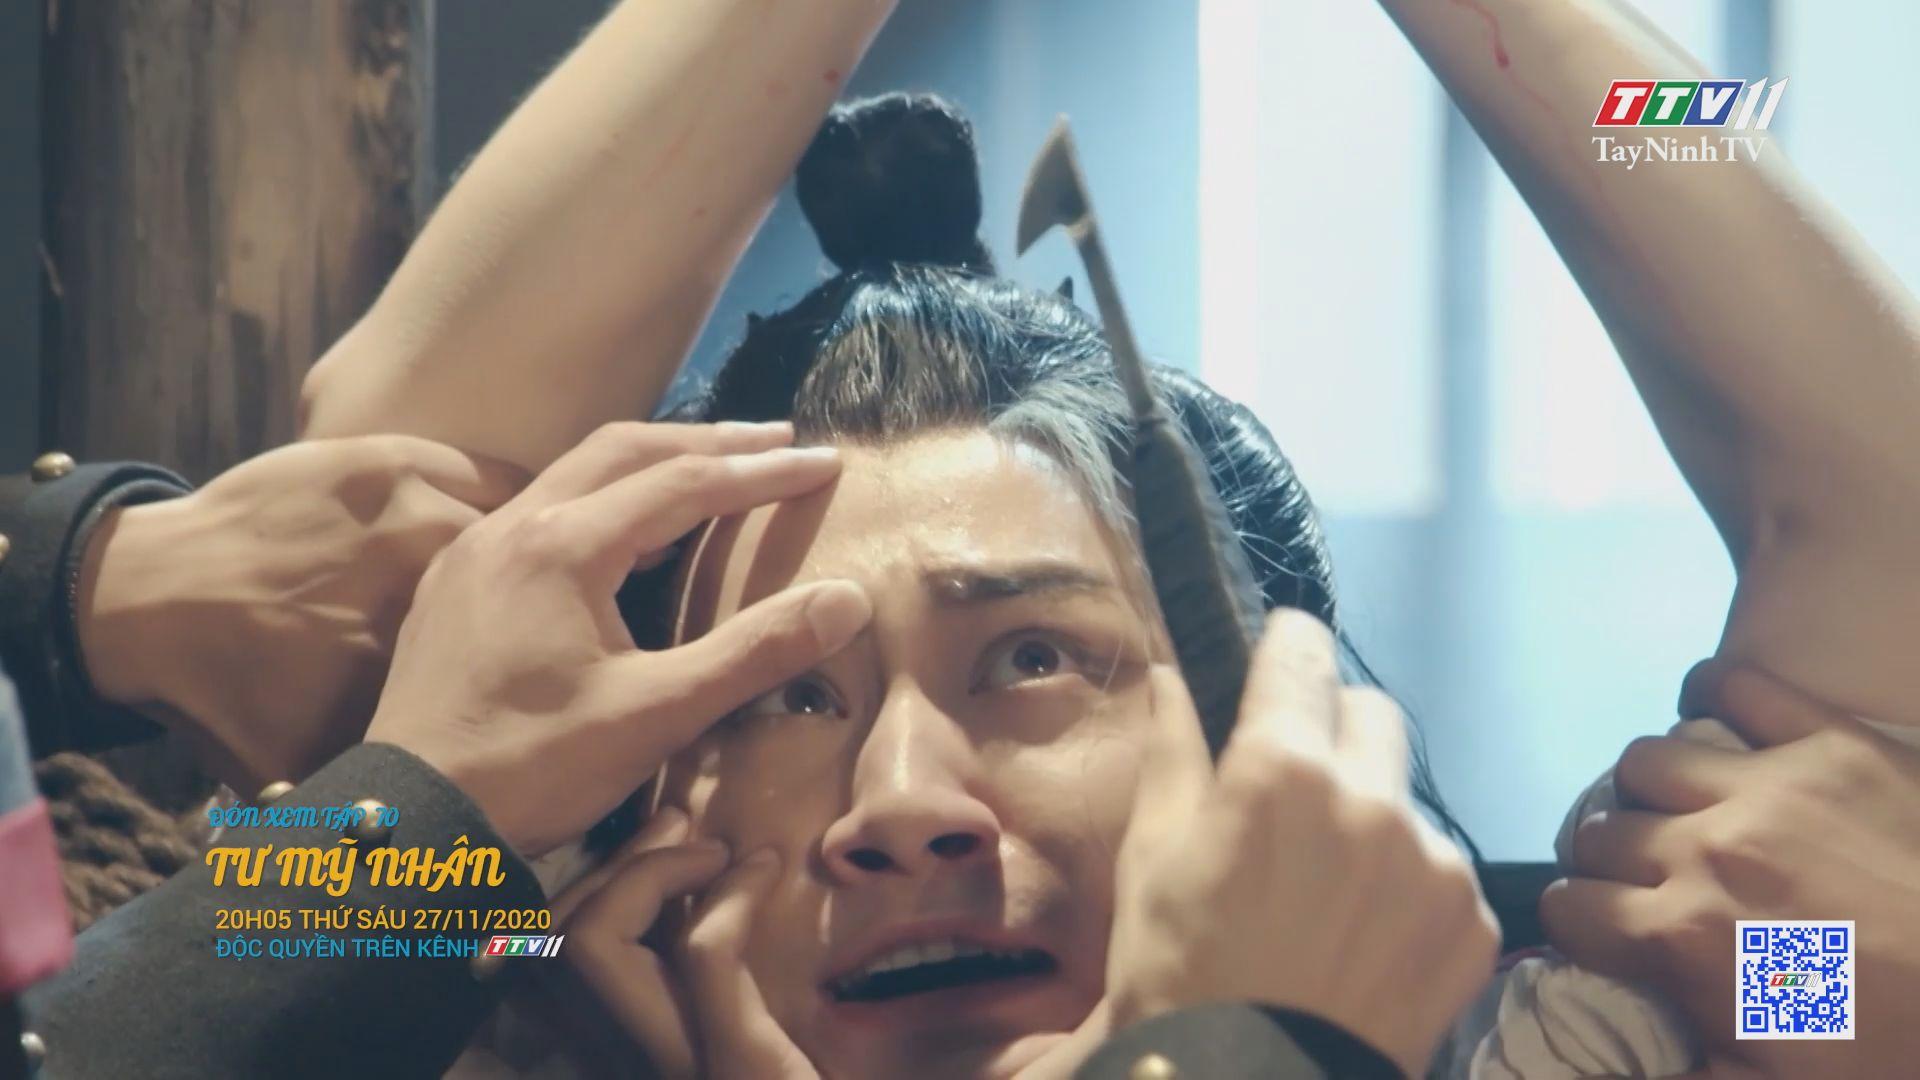 Tư mỹ nhân-TẬP 70 trailer | PHIM TƯ MỸ NHÂN | TayNinhTV